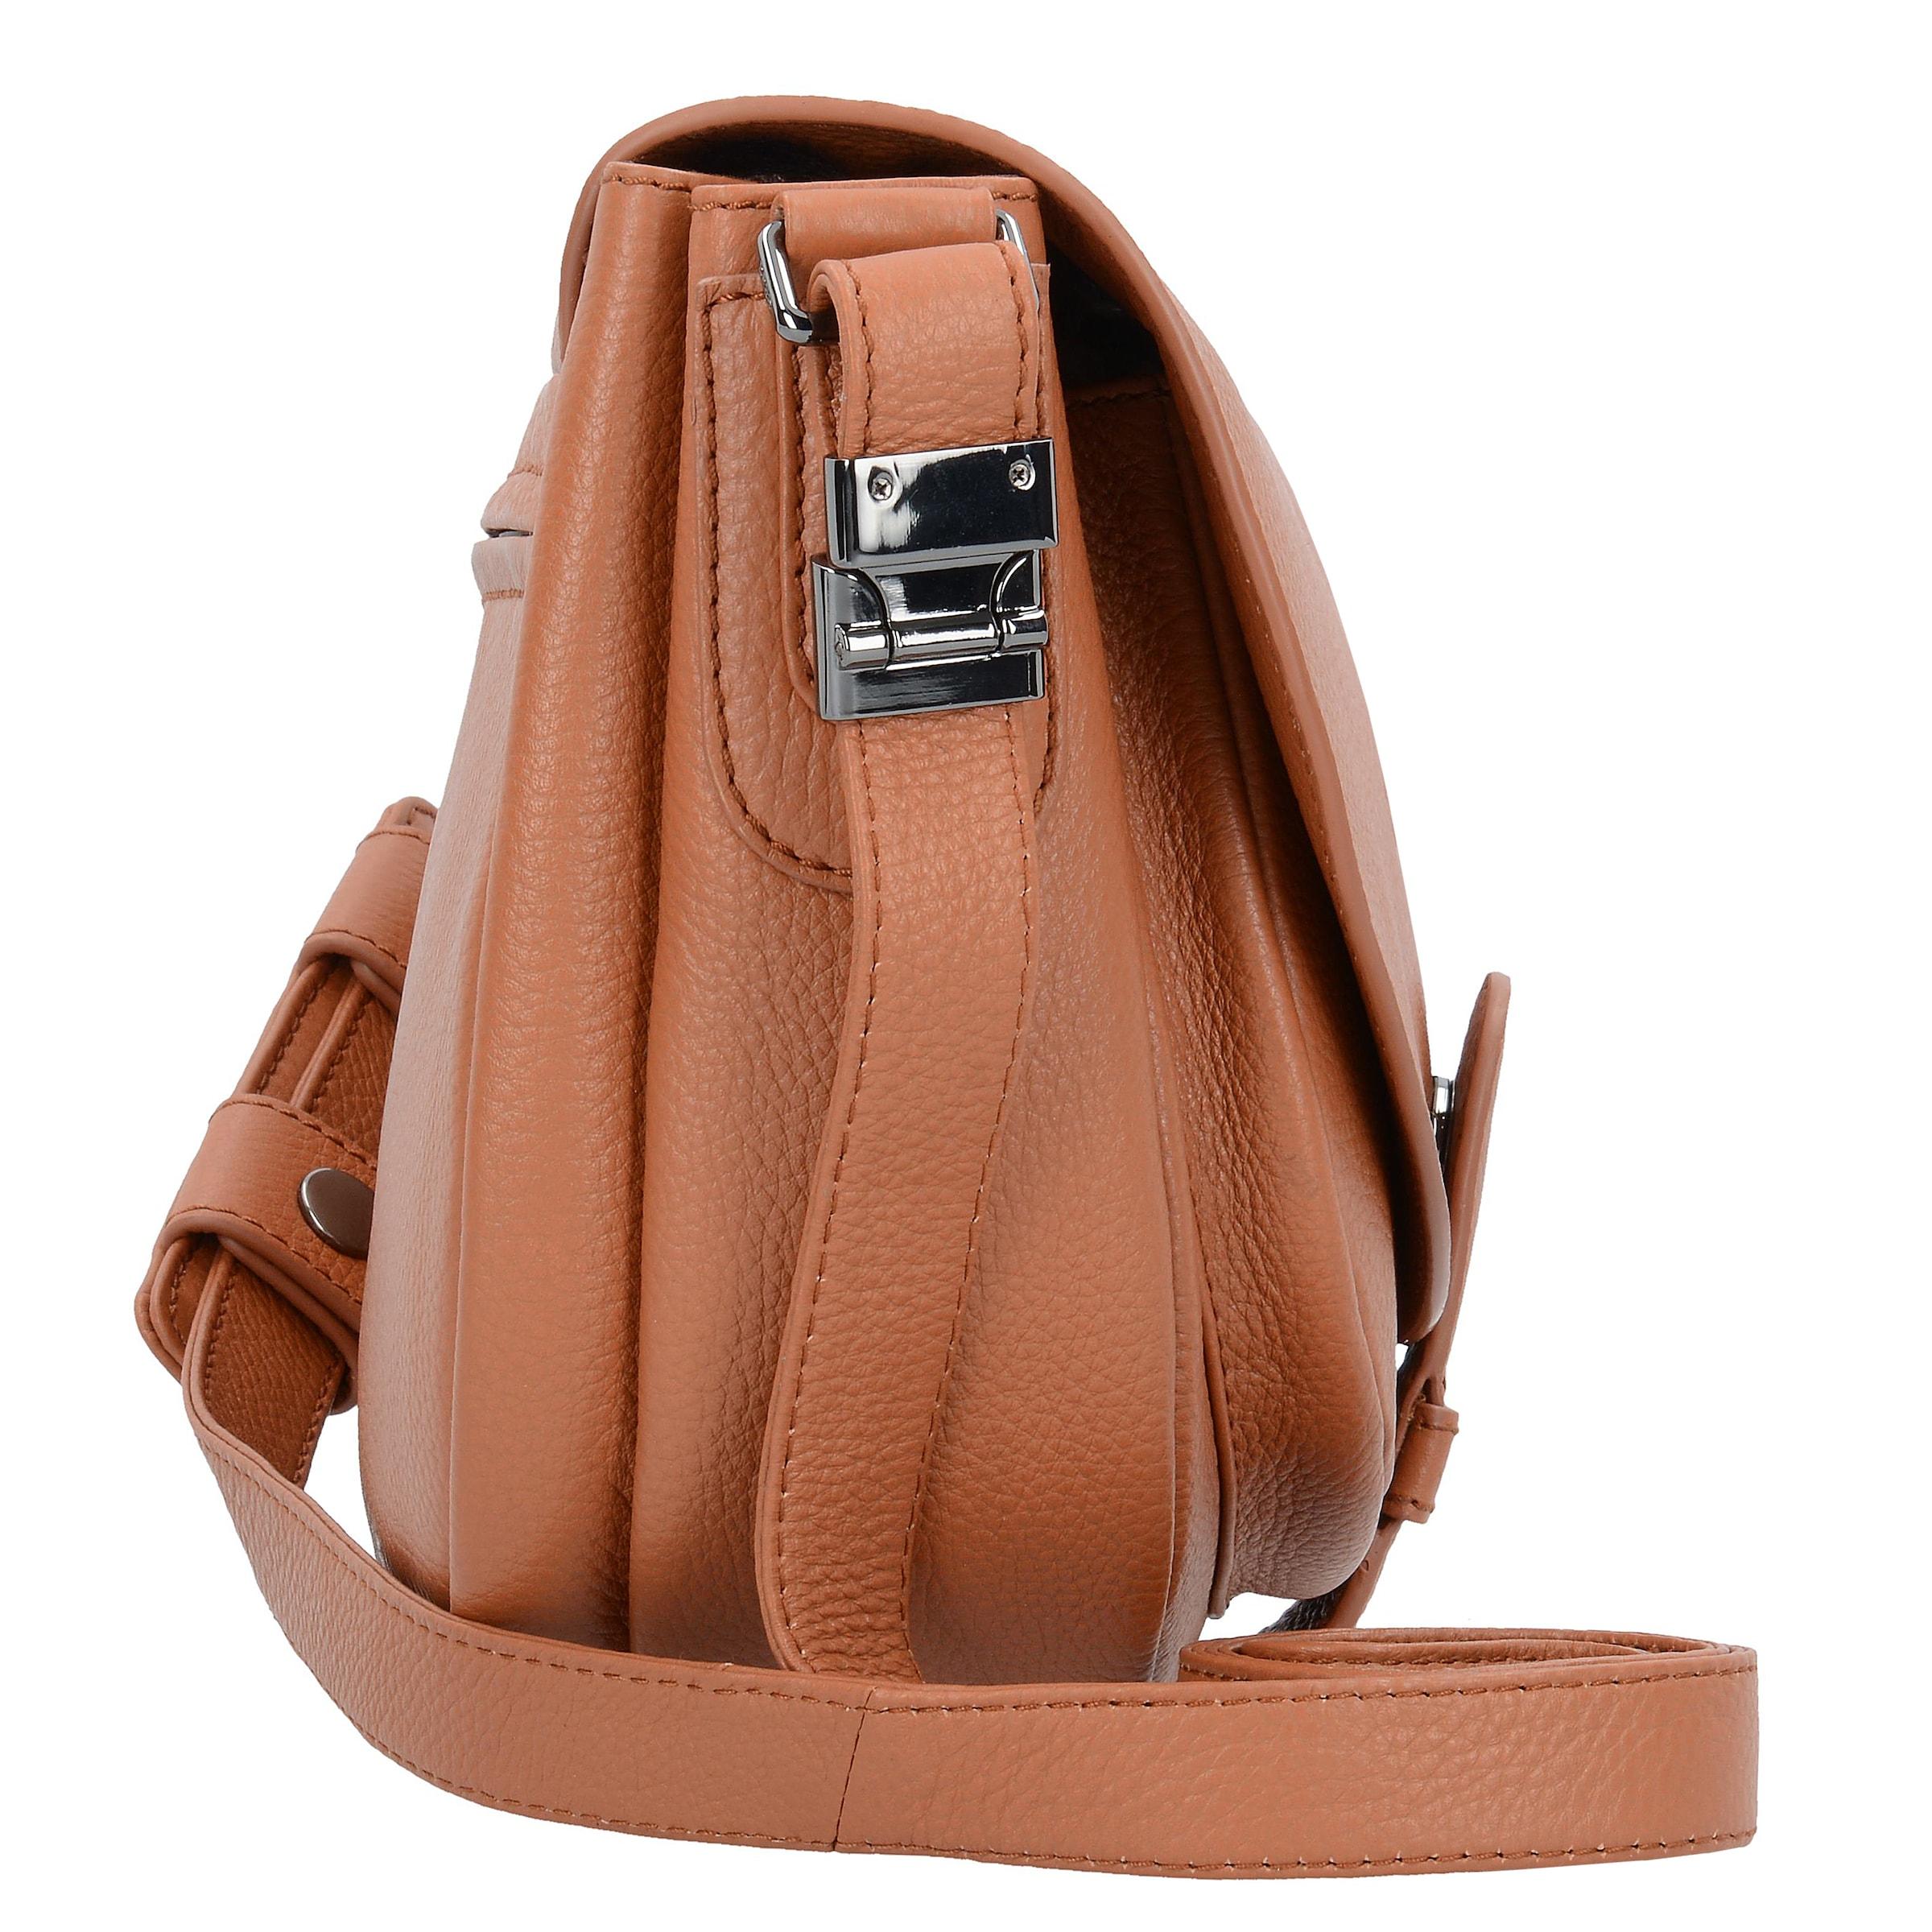 BREE 'Lady Top 2' Umhängetasche Leder 26 cm Kaufen Erscheinungsdaten Verkauf Online iTaI8hRioe